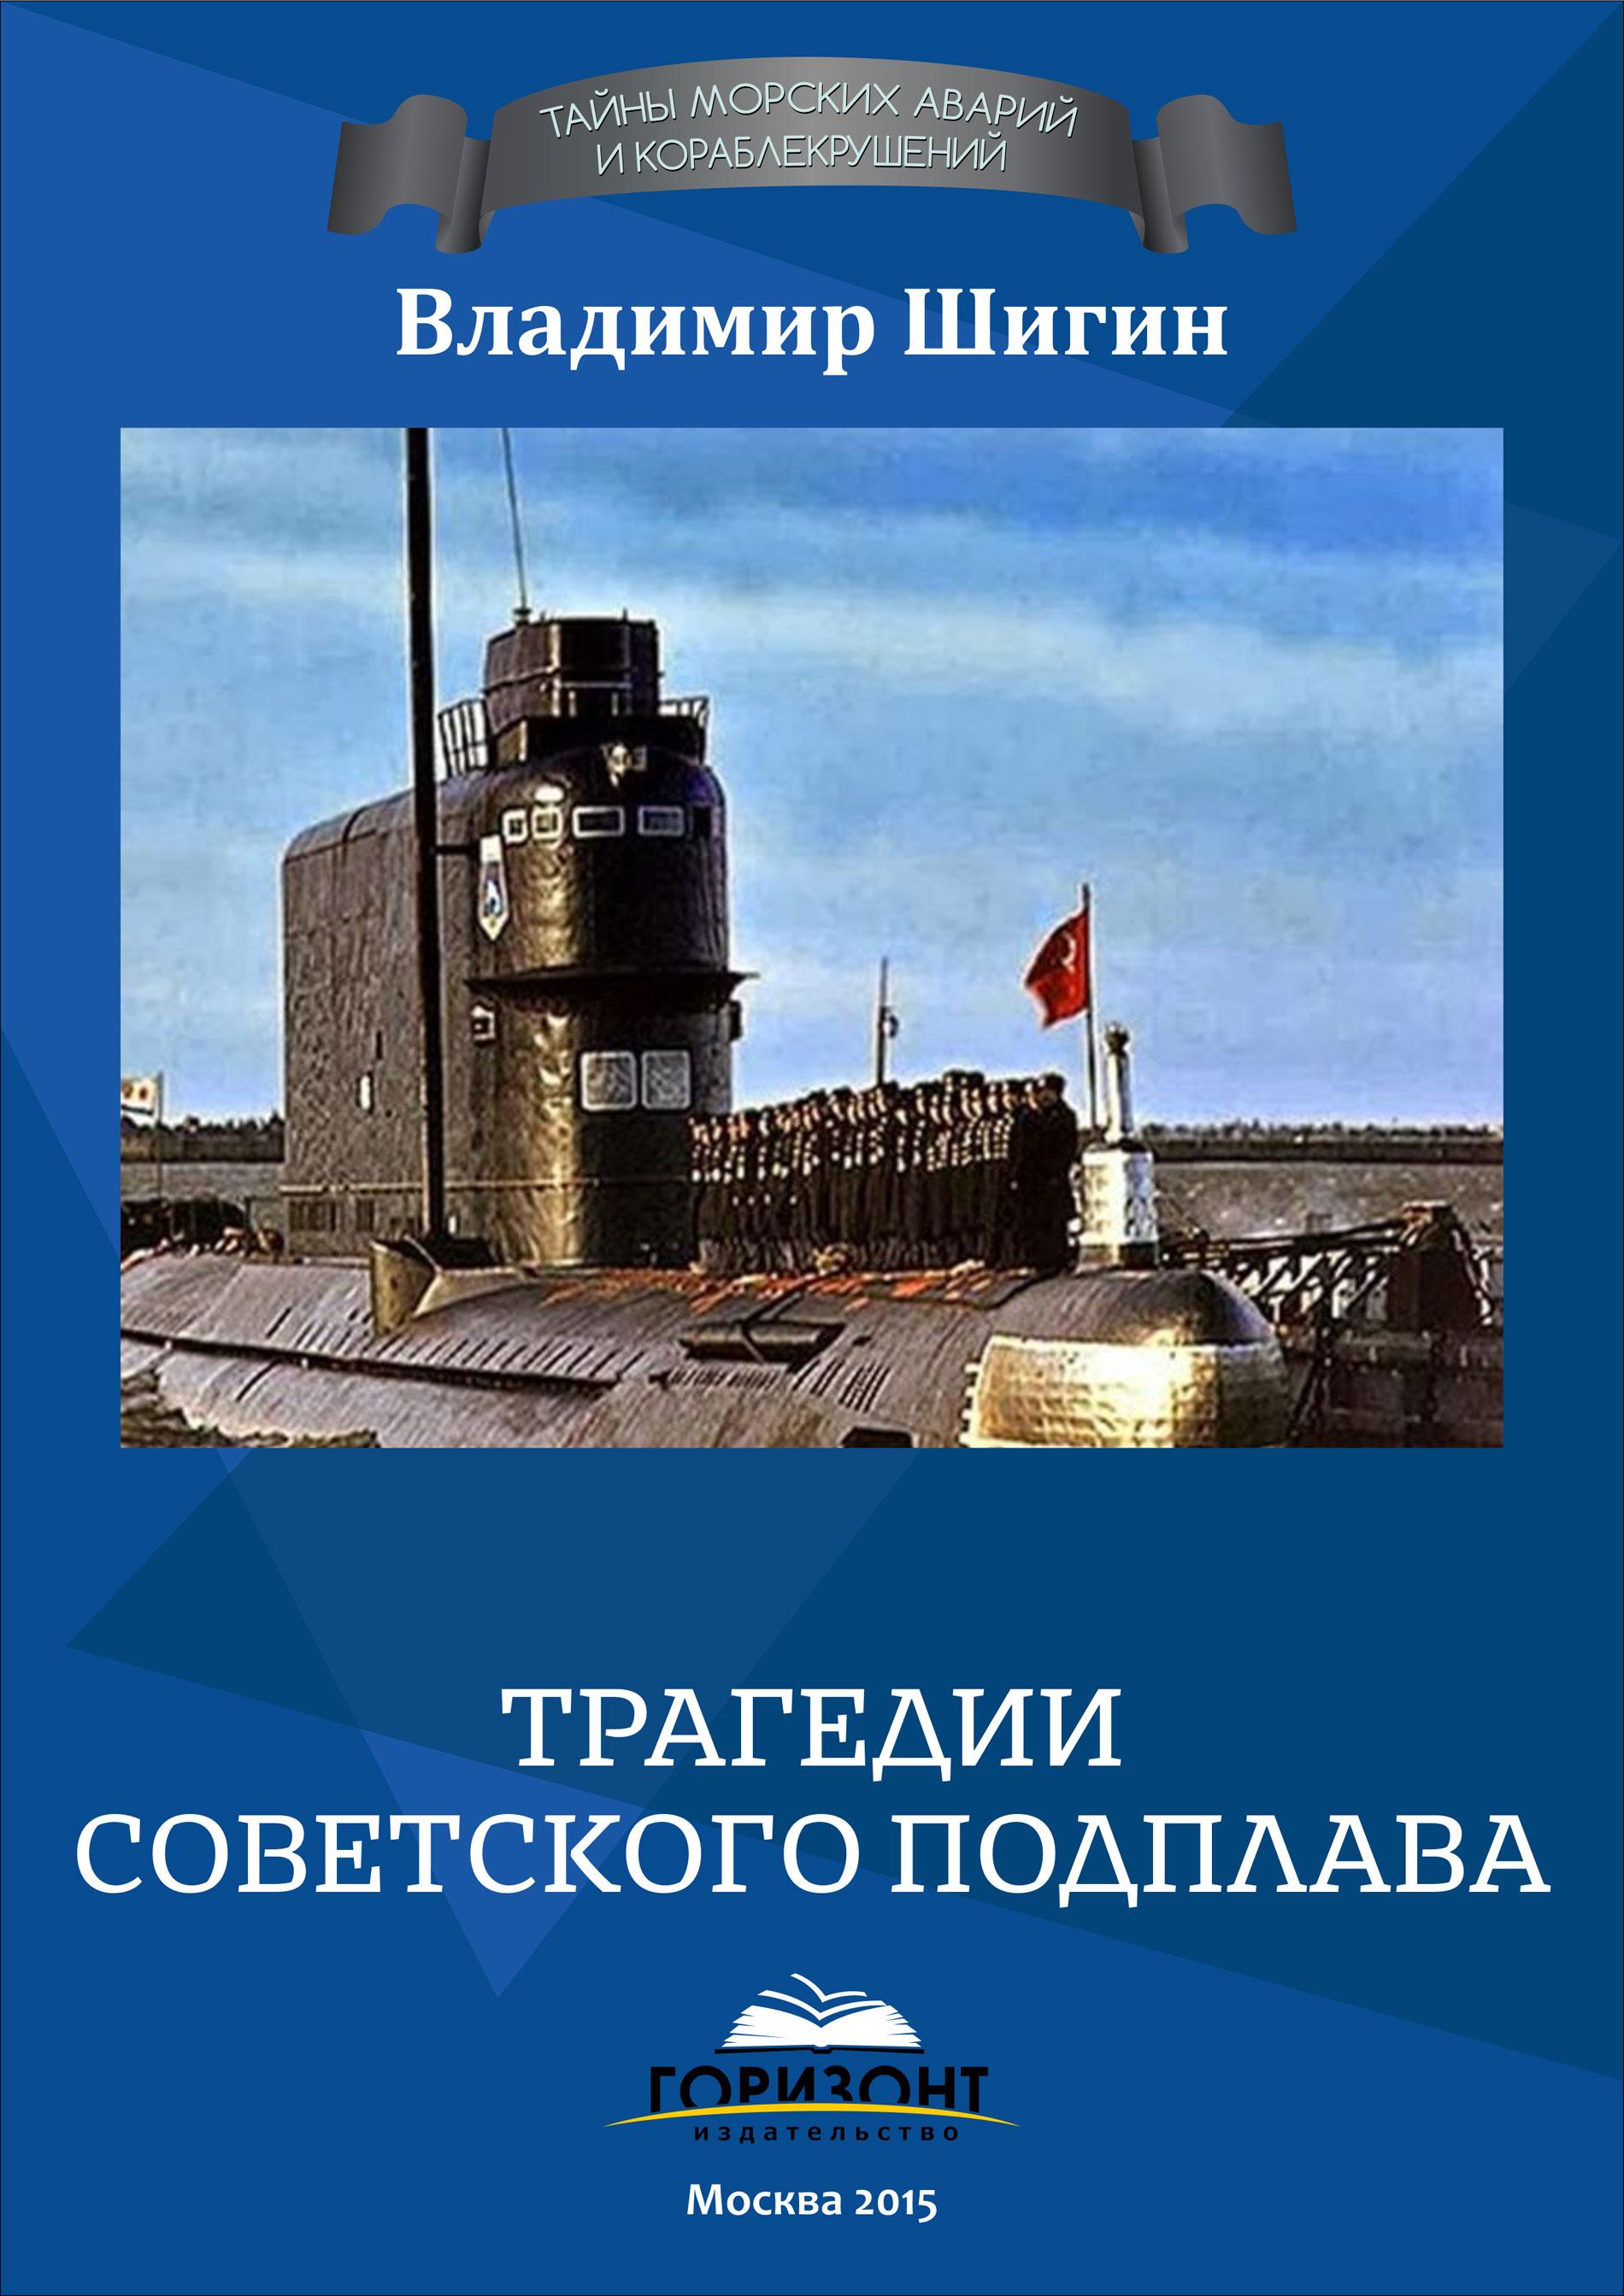 tragedii sovetskogo podplava